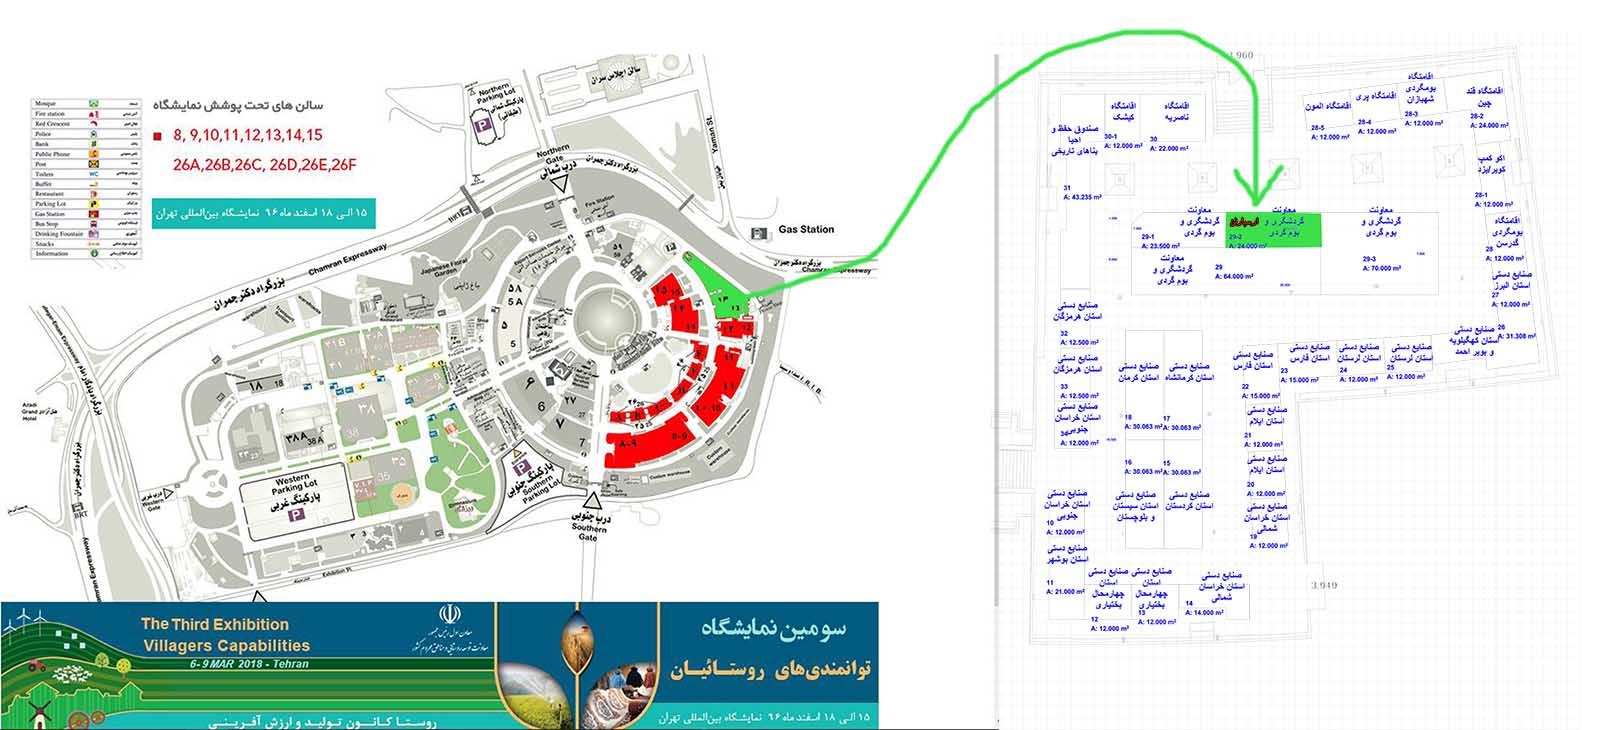 نمایشگاه توانمندی روستایان و عشایر